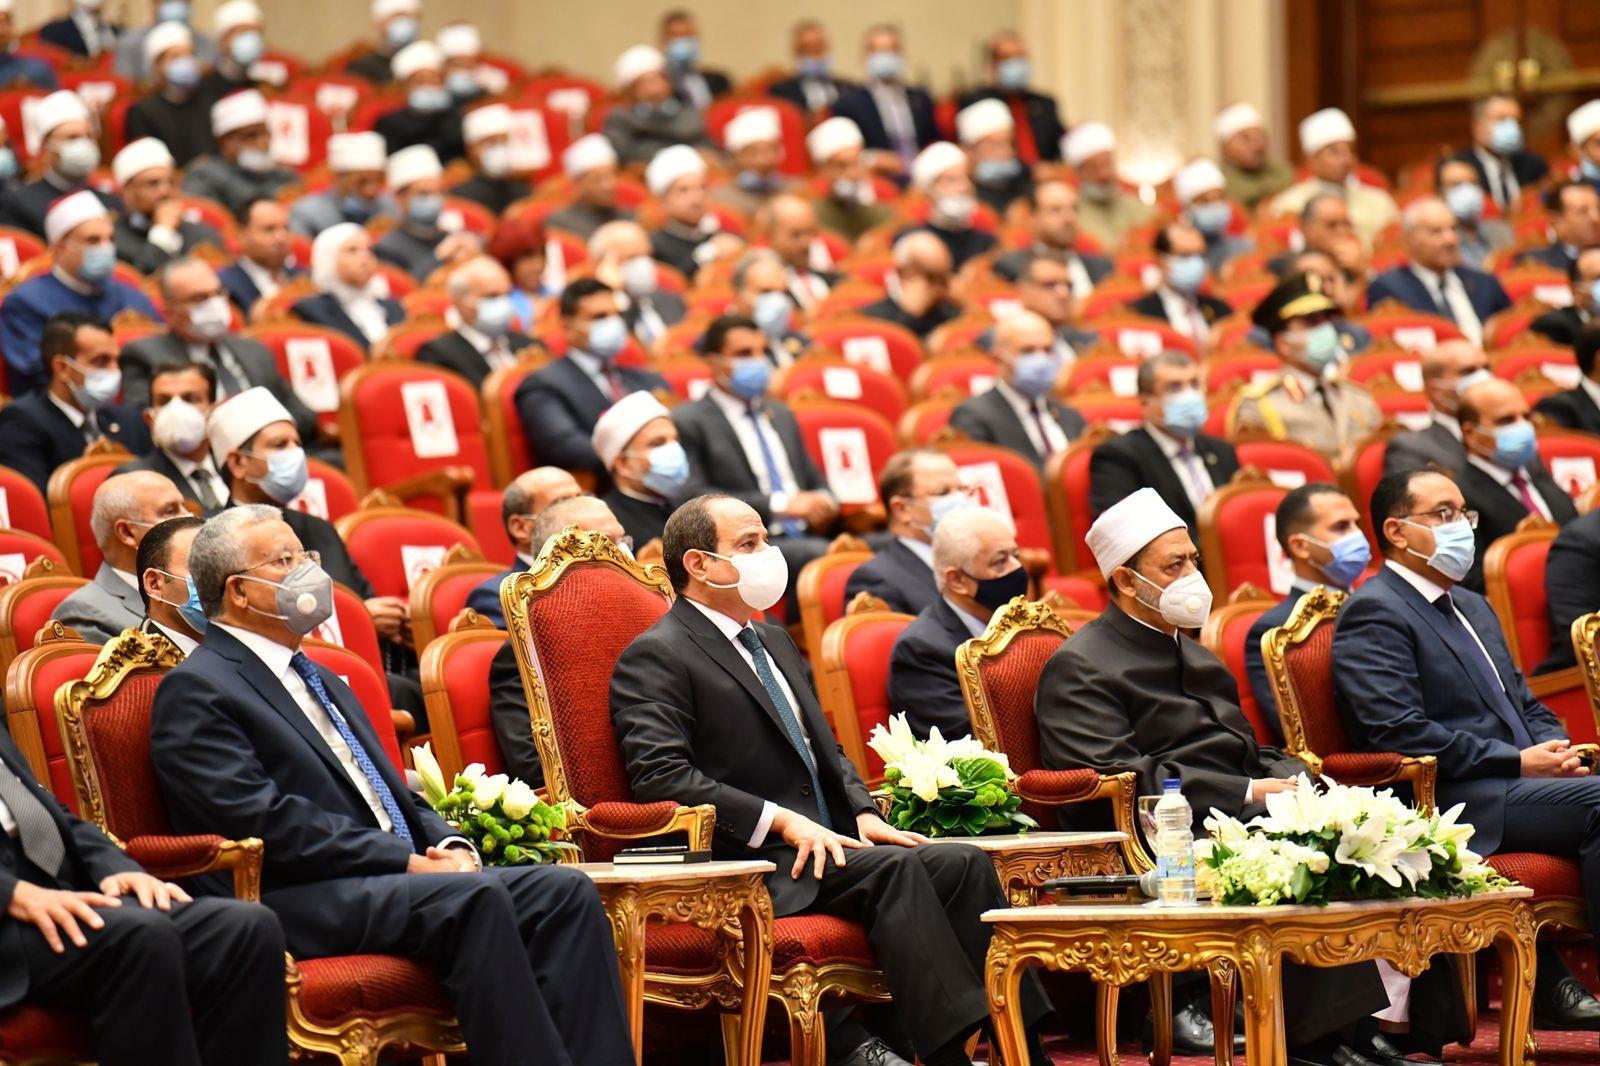 صور| احتفالية المولد النبوي الشريف بحضور الرئيس السيسي